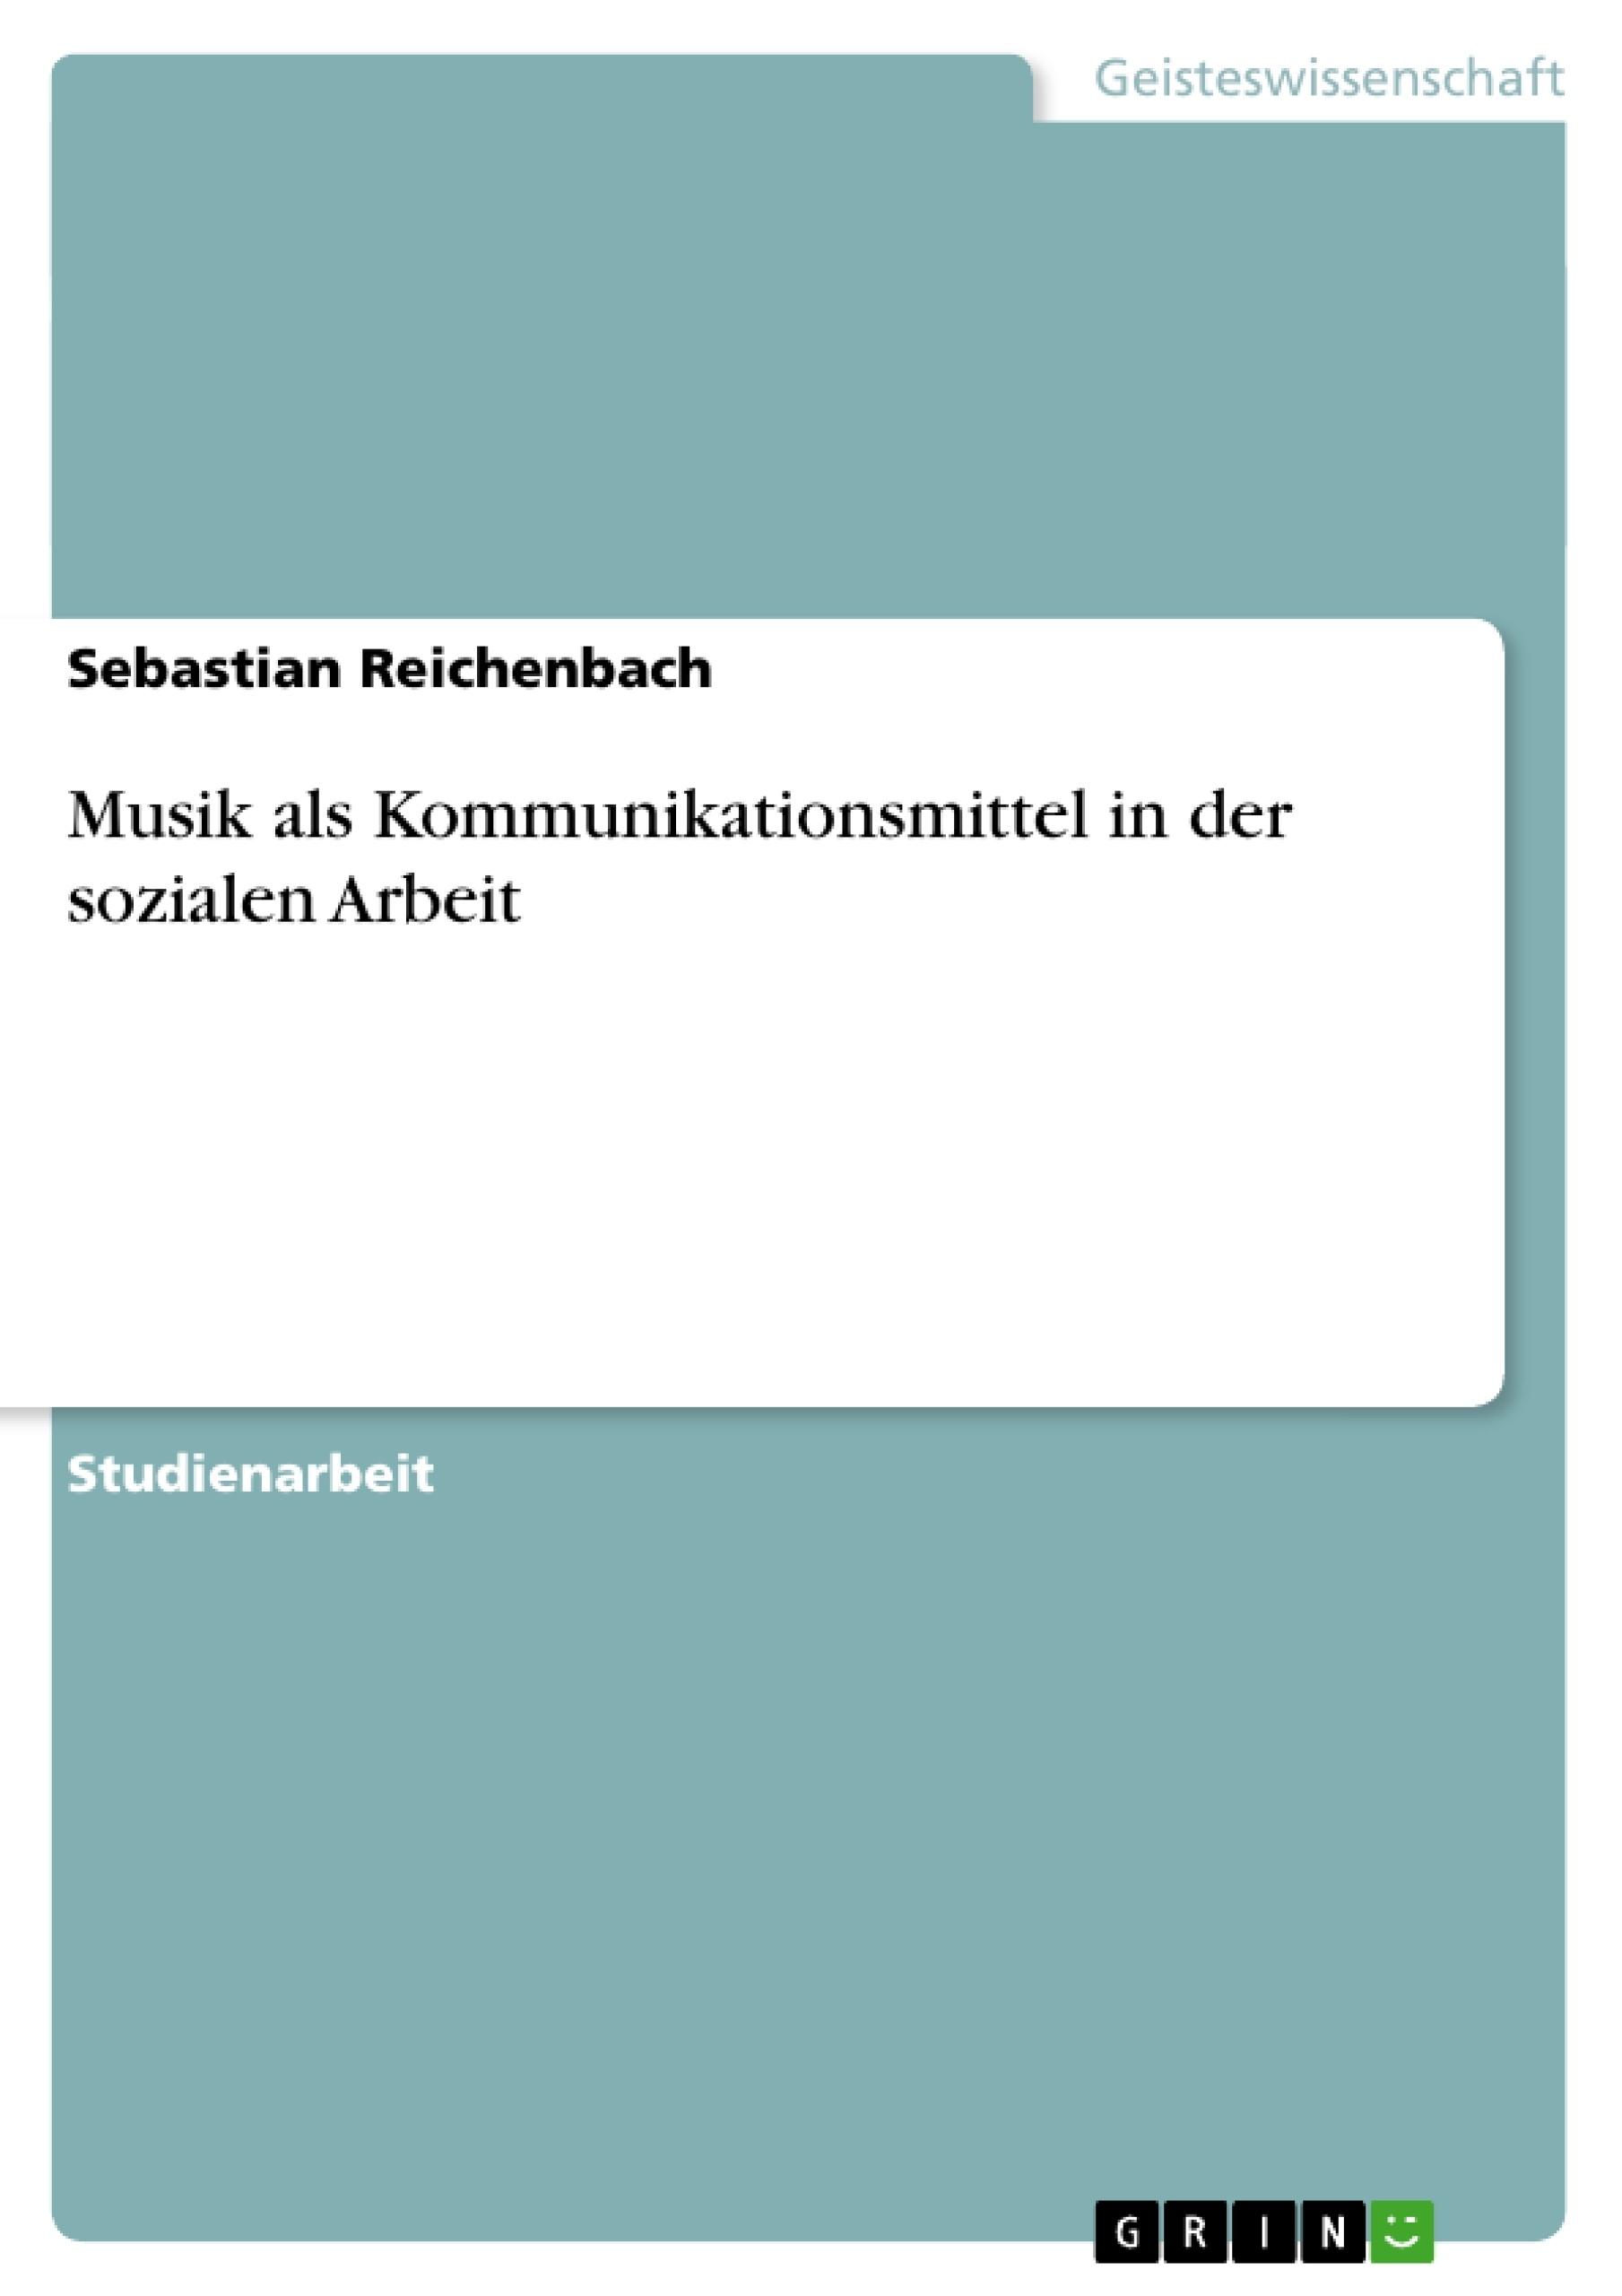 Titel: Musik als Kommunikationsmittel  in der sozialen Arbeit